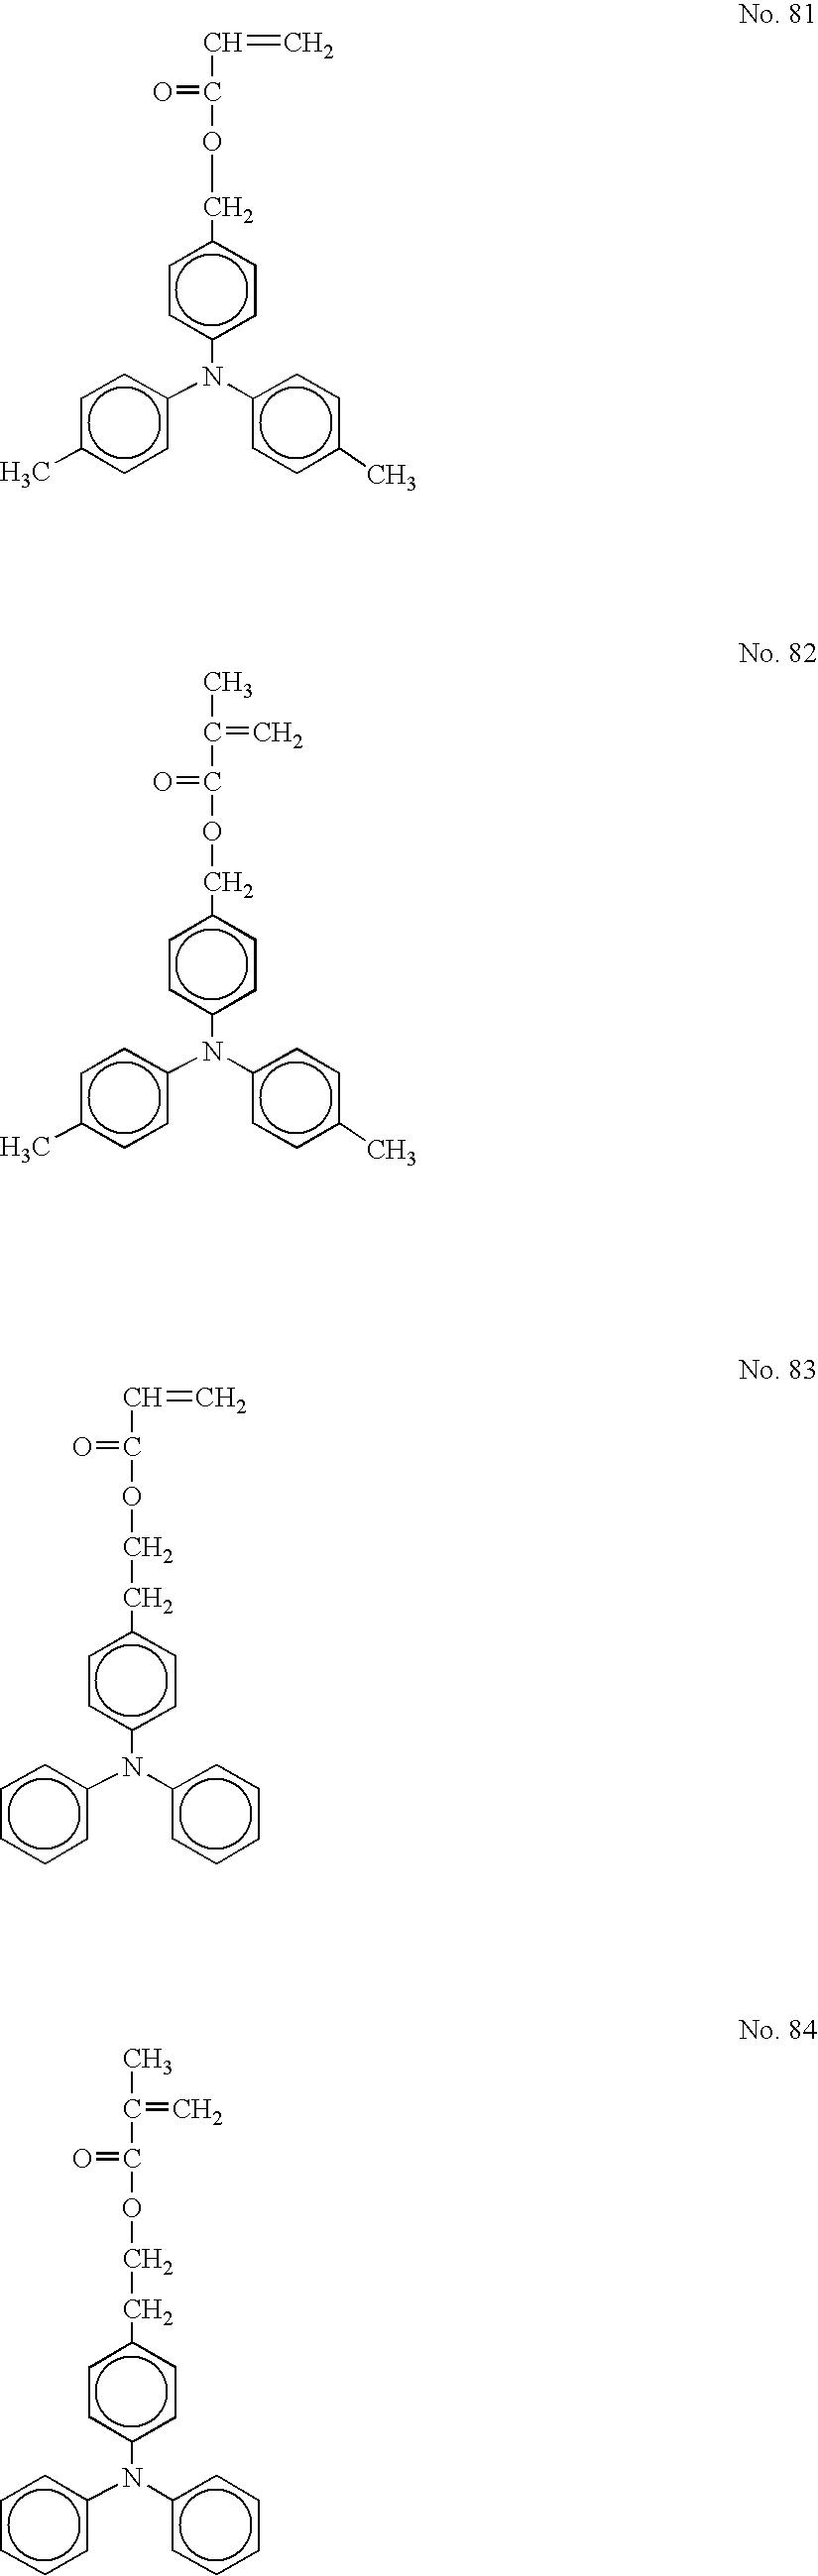 Figure US20070059619A1-20070315-C00031